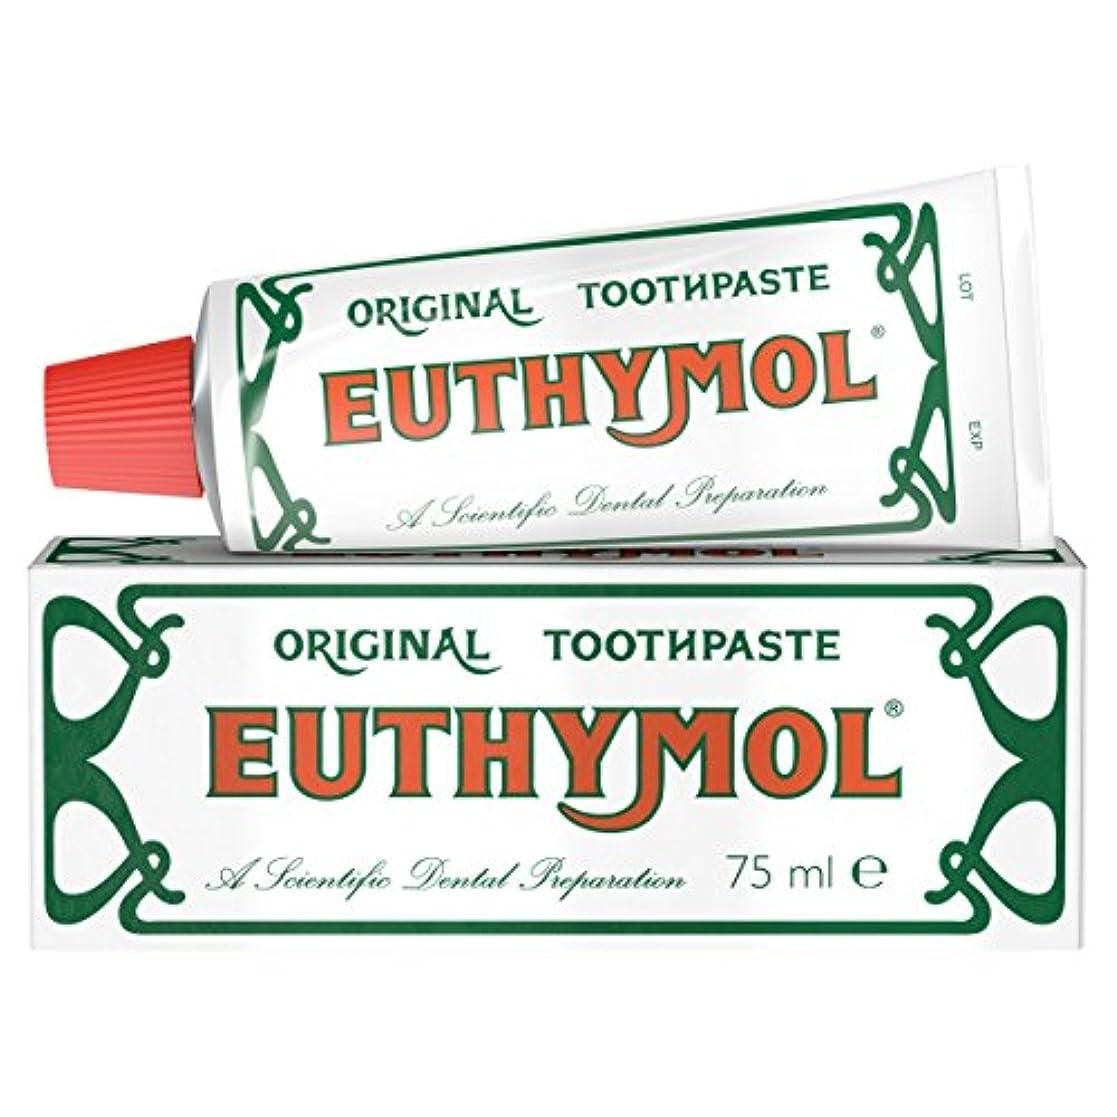 旅行マートめるEuthymol オリジナル歯磨き粉 75ml 並行輸入品 Euthymol Original Toothpaste 75 Ml